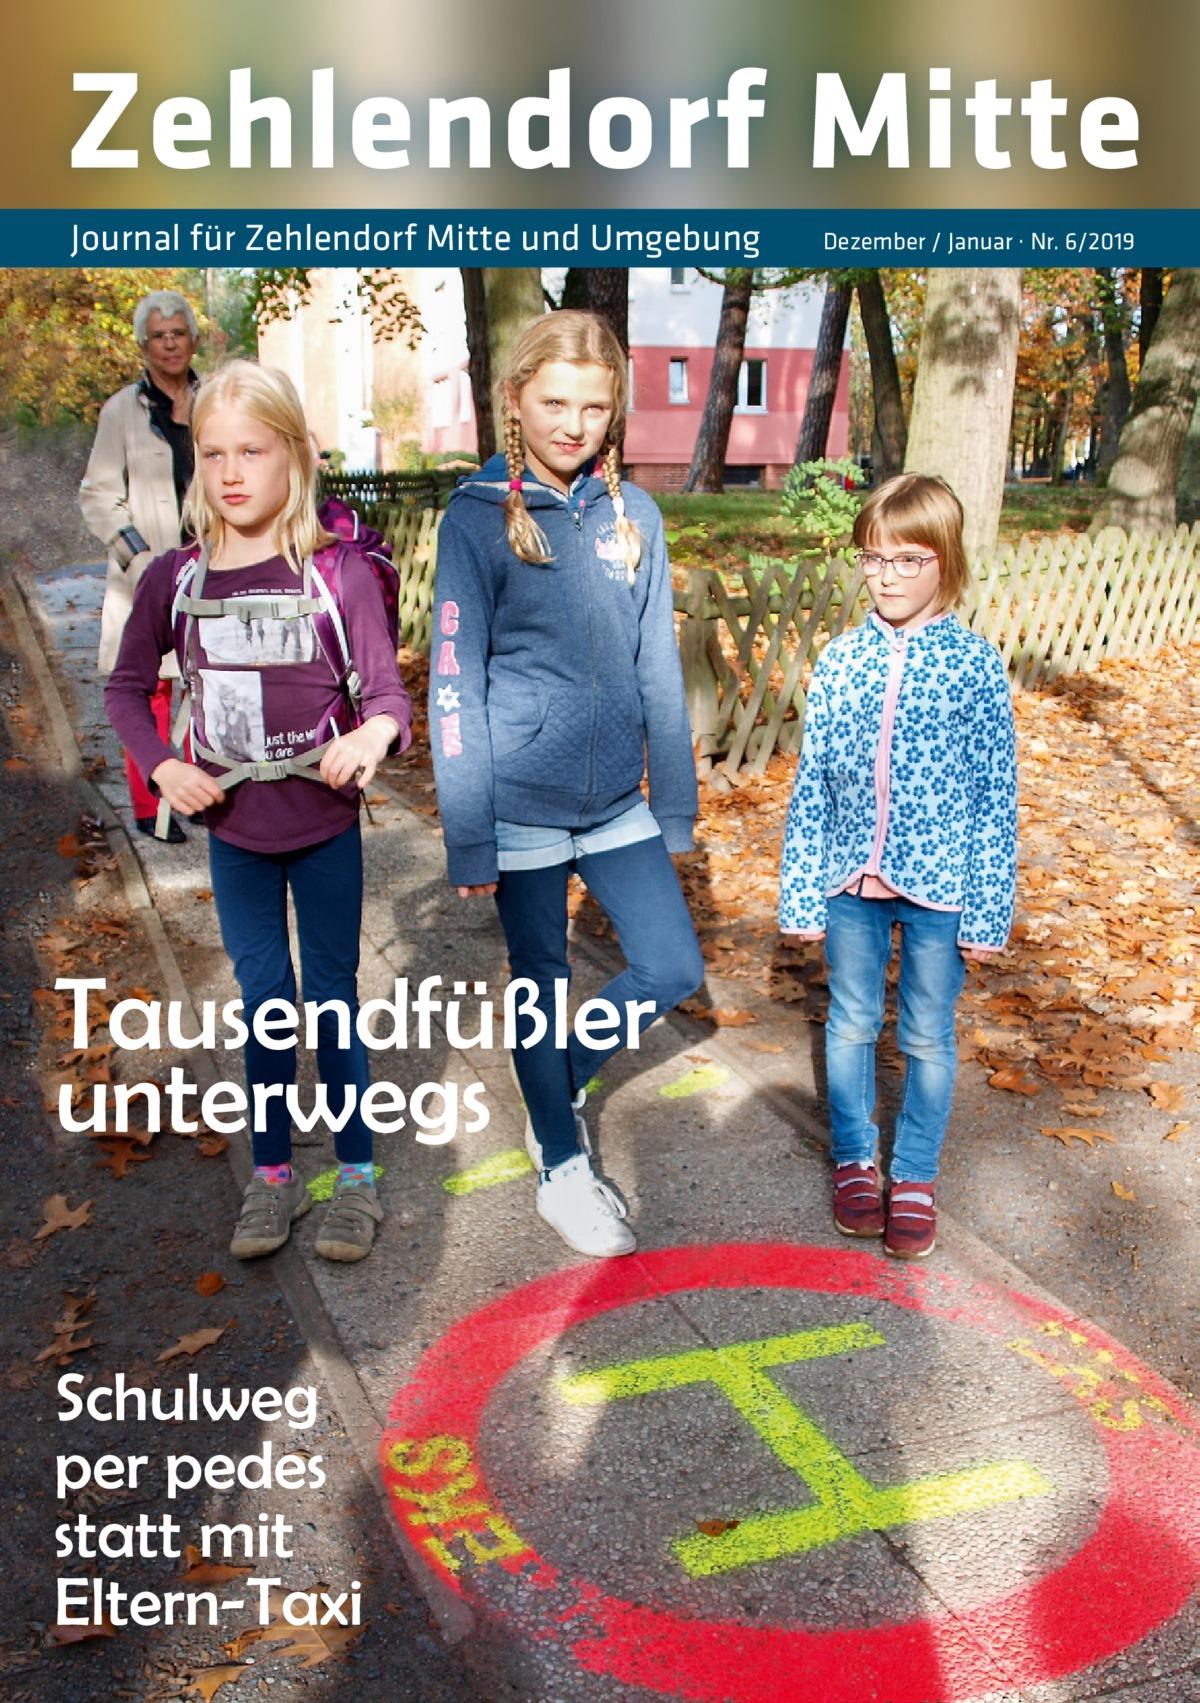 Zehlendorf Mitte Journal für Zehlendorf Mitte und Umgebung  Tausendfüßler unterwegs Schulweg per pedes statt mit Eltern-Taxi  Dezember / Januar · Nr. 6/2019